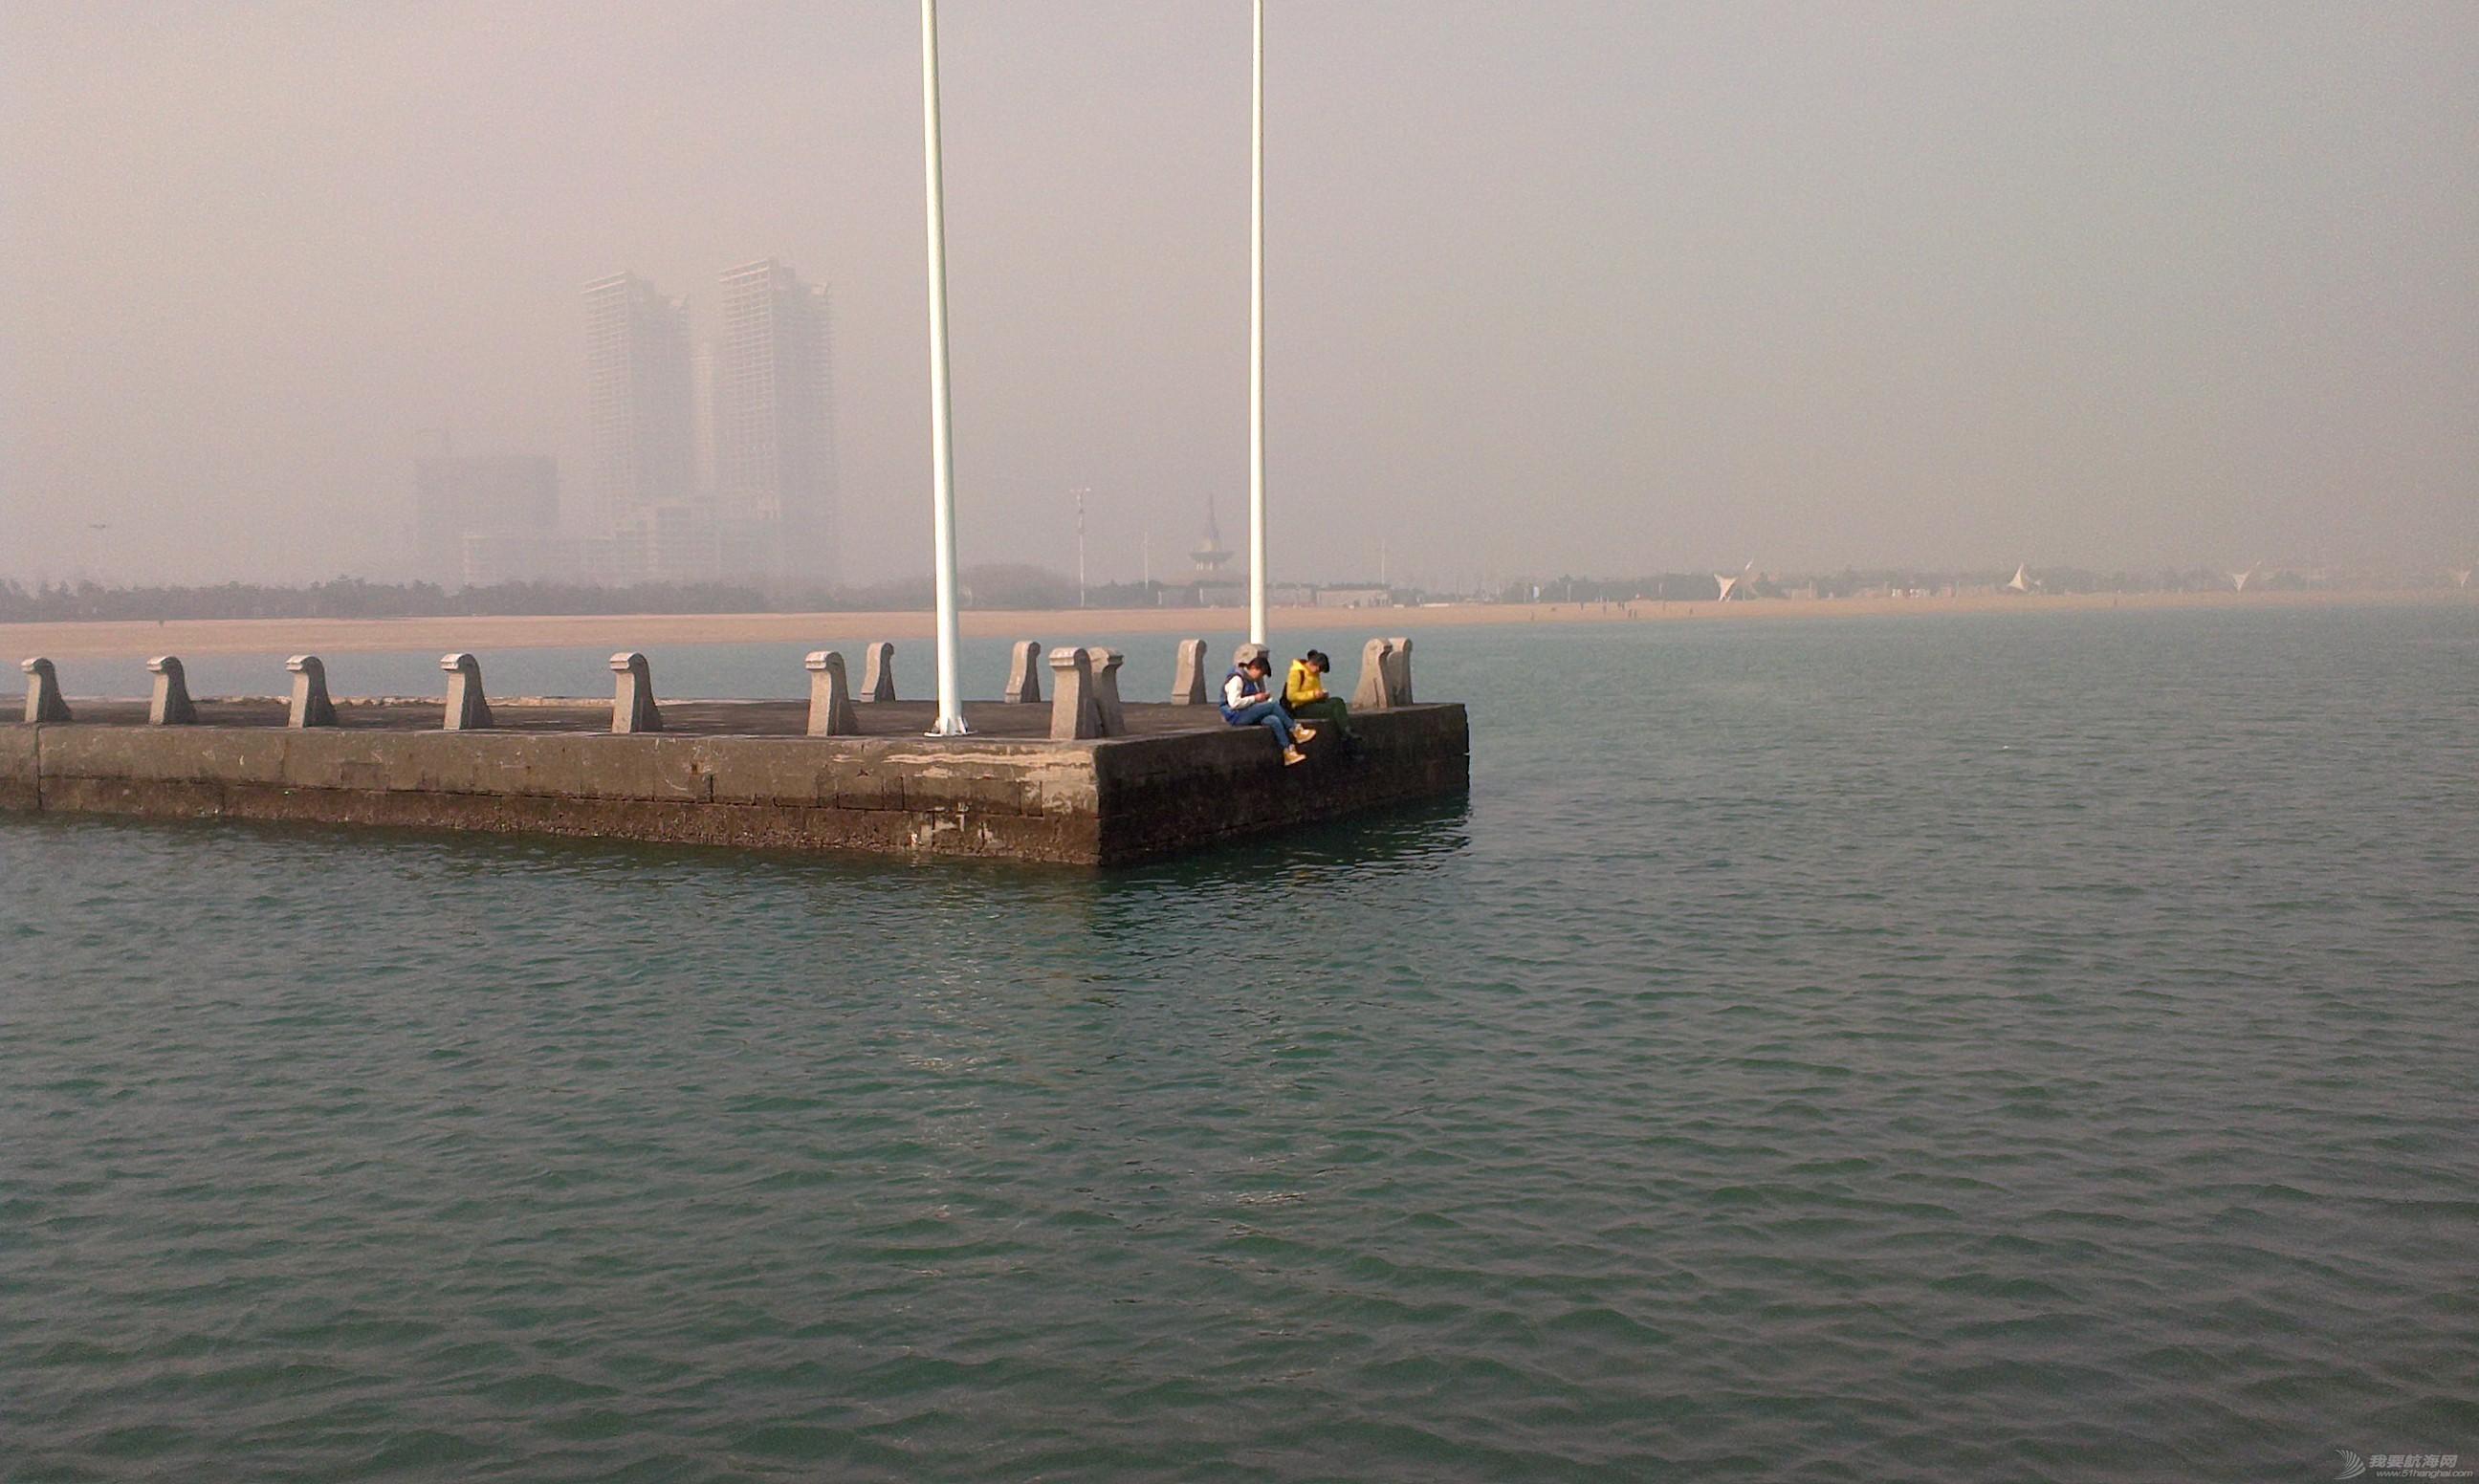 帆船 免费航海不是梦…我是十四期学员(我要去航海/全民公益航海帆船训练) IMAG0139.jpg